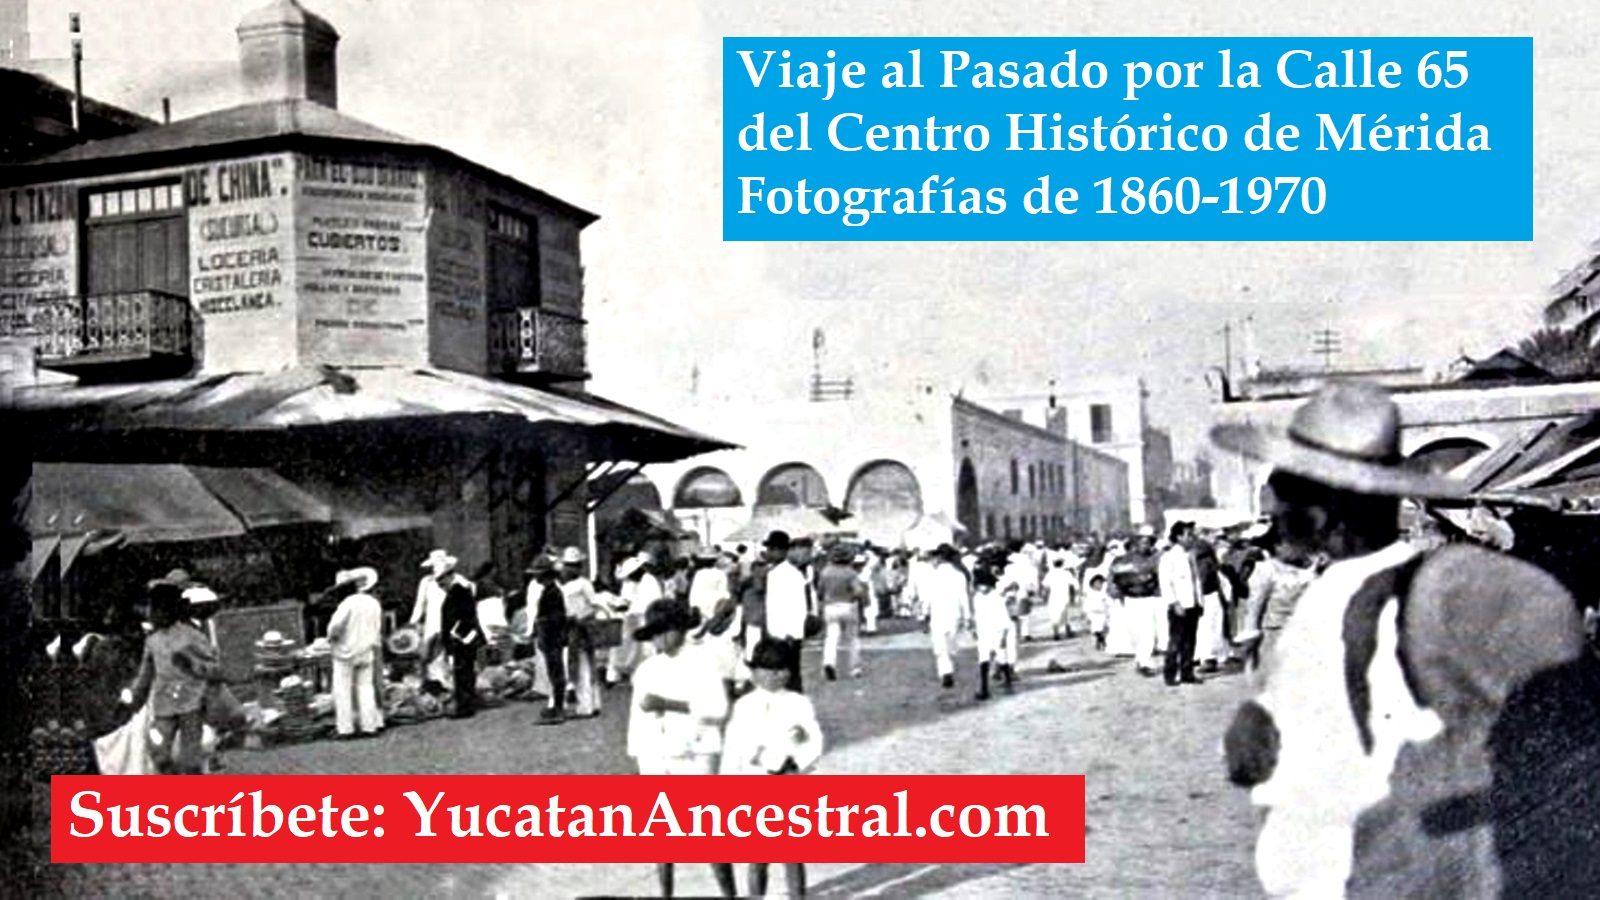 Paseo por la Calle 65 Mérida Antigua 1860-1970